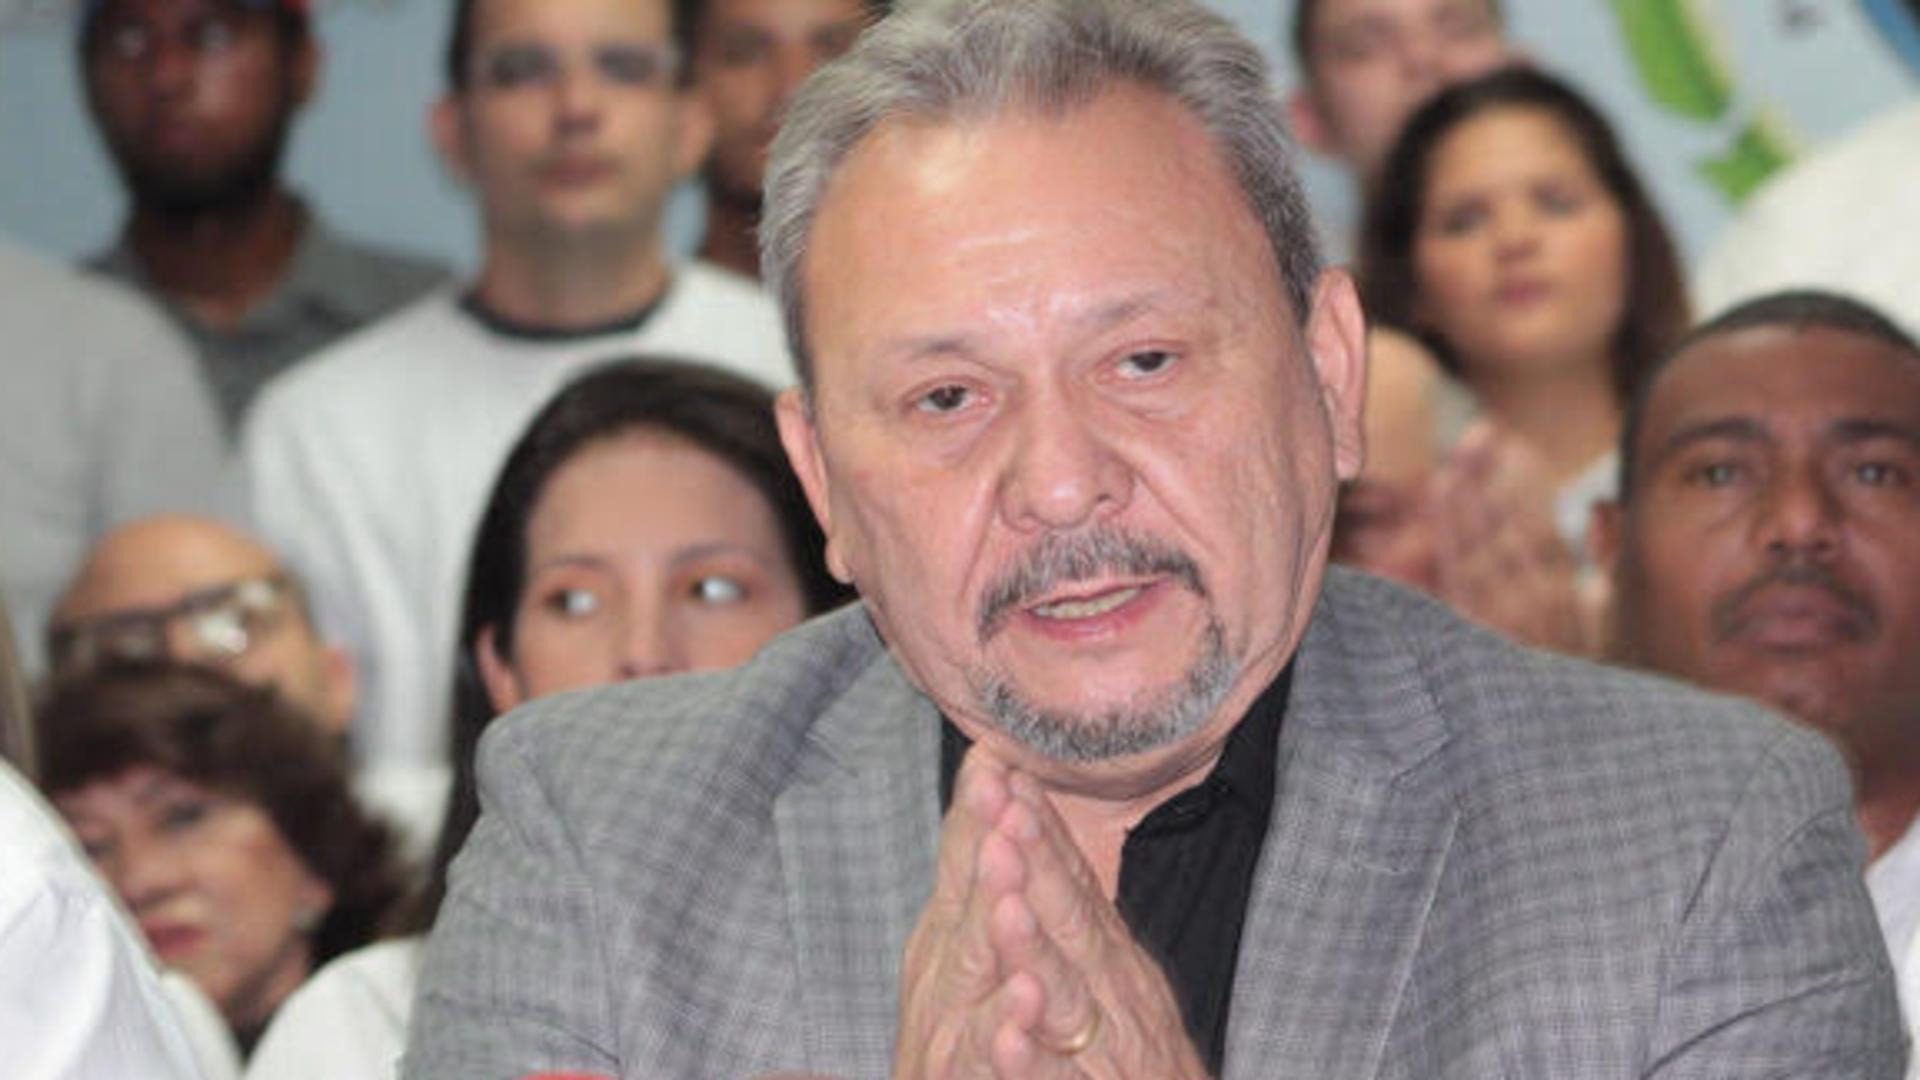 Fallece el diputado Hernán Alemán por COVID-19